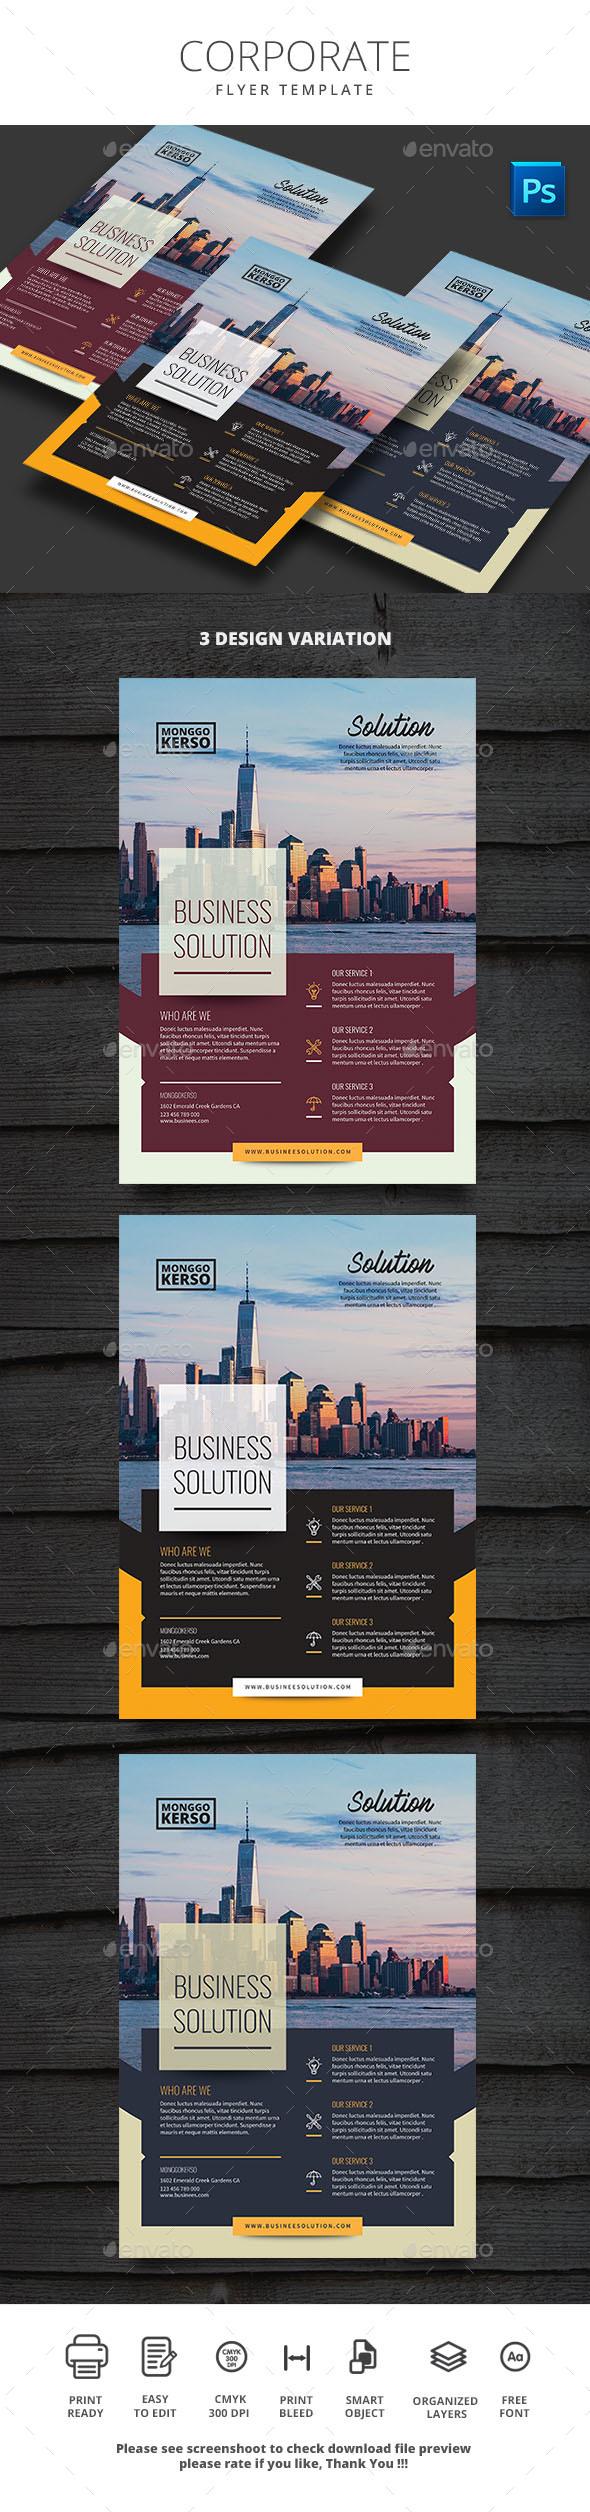 Corporate - Corporate Business Cards